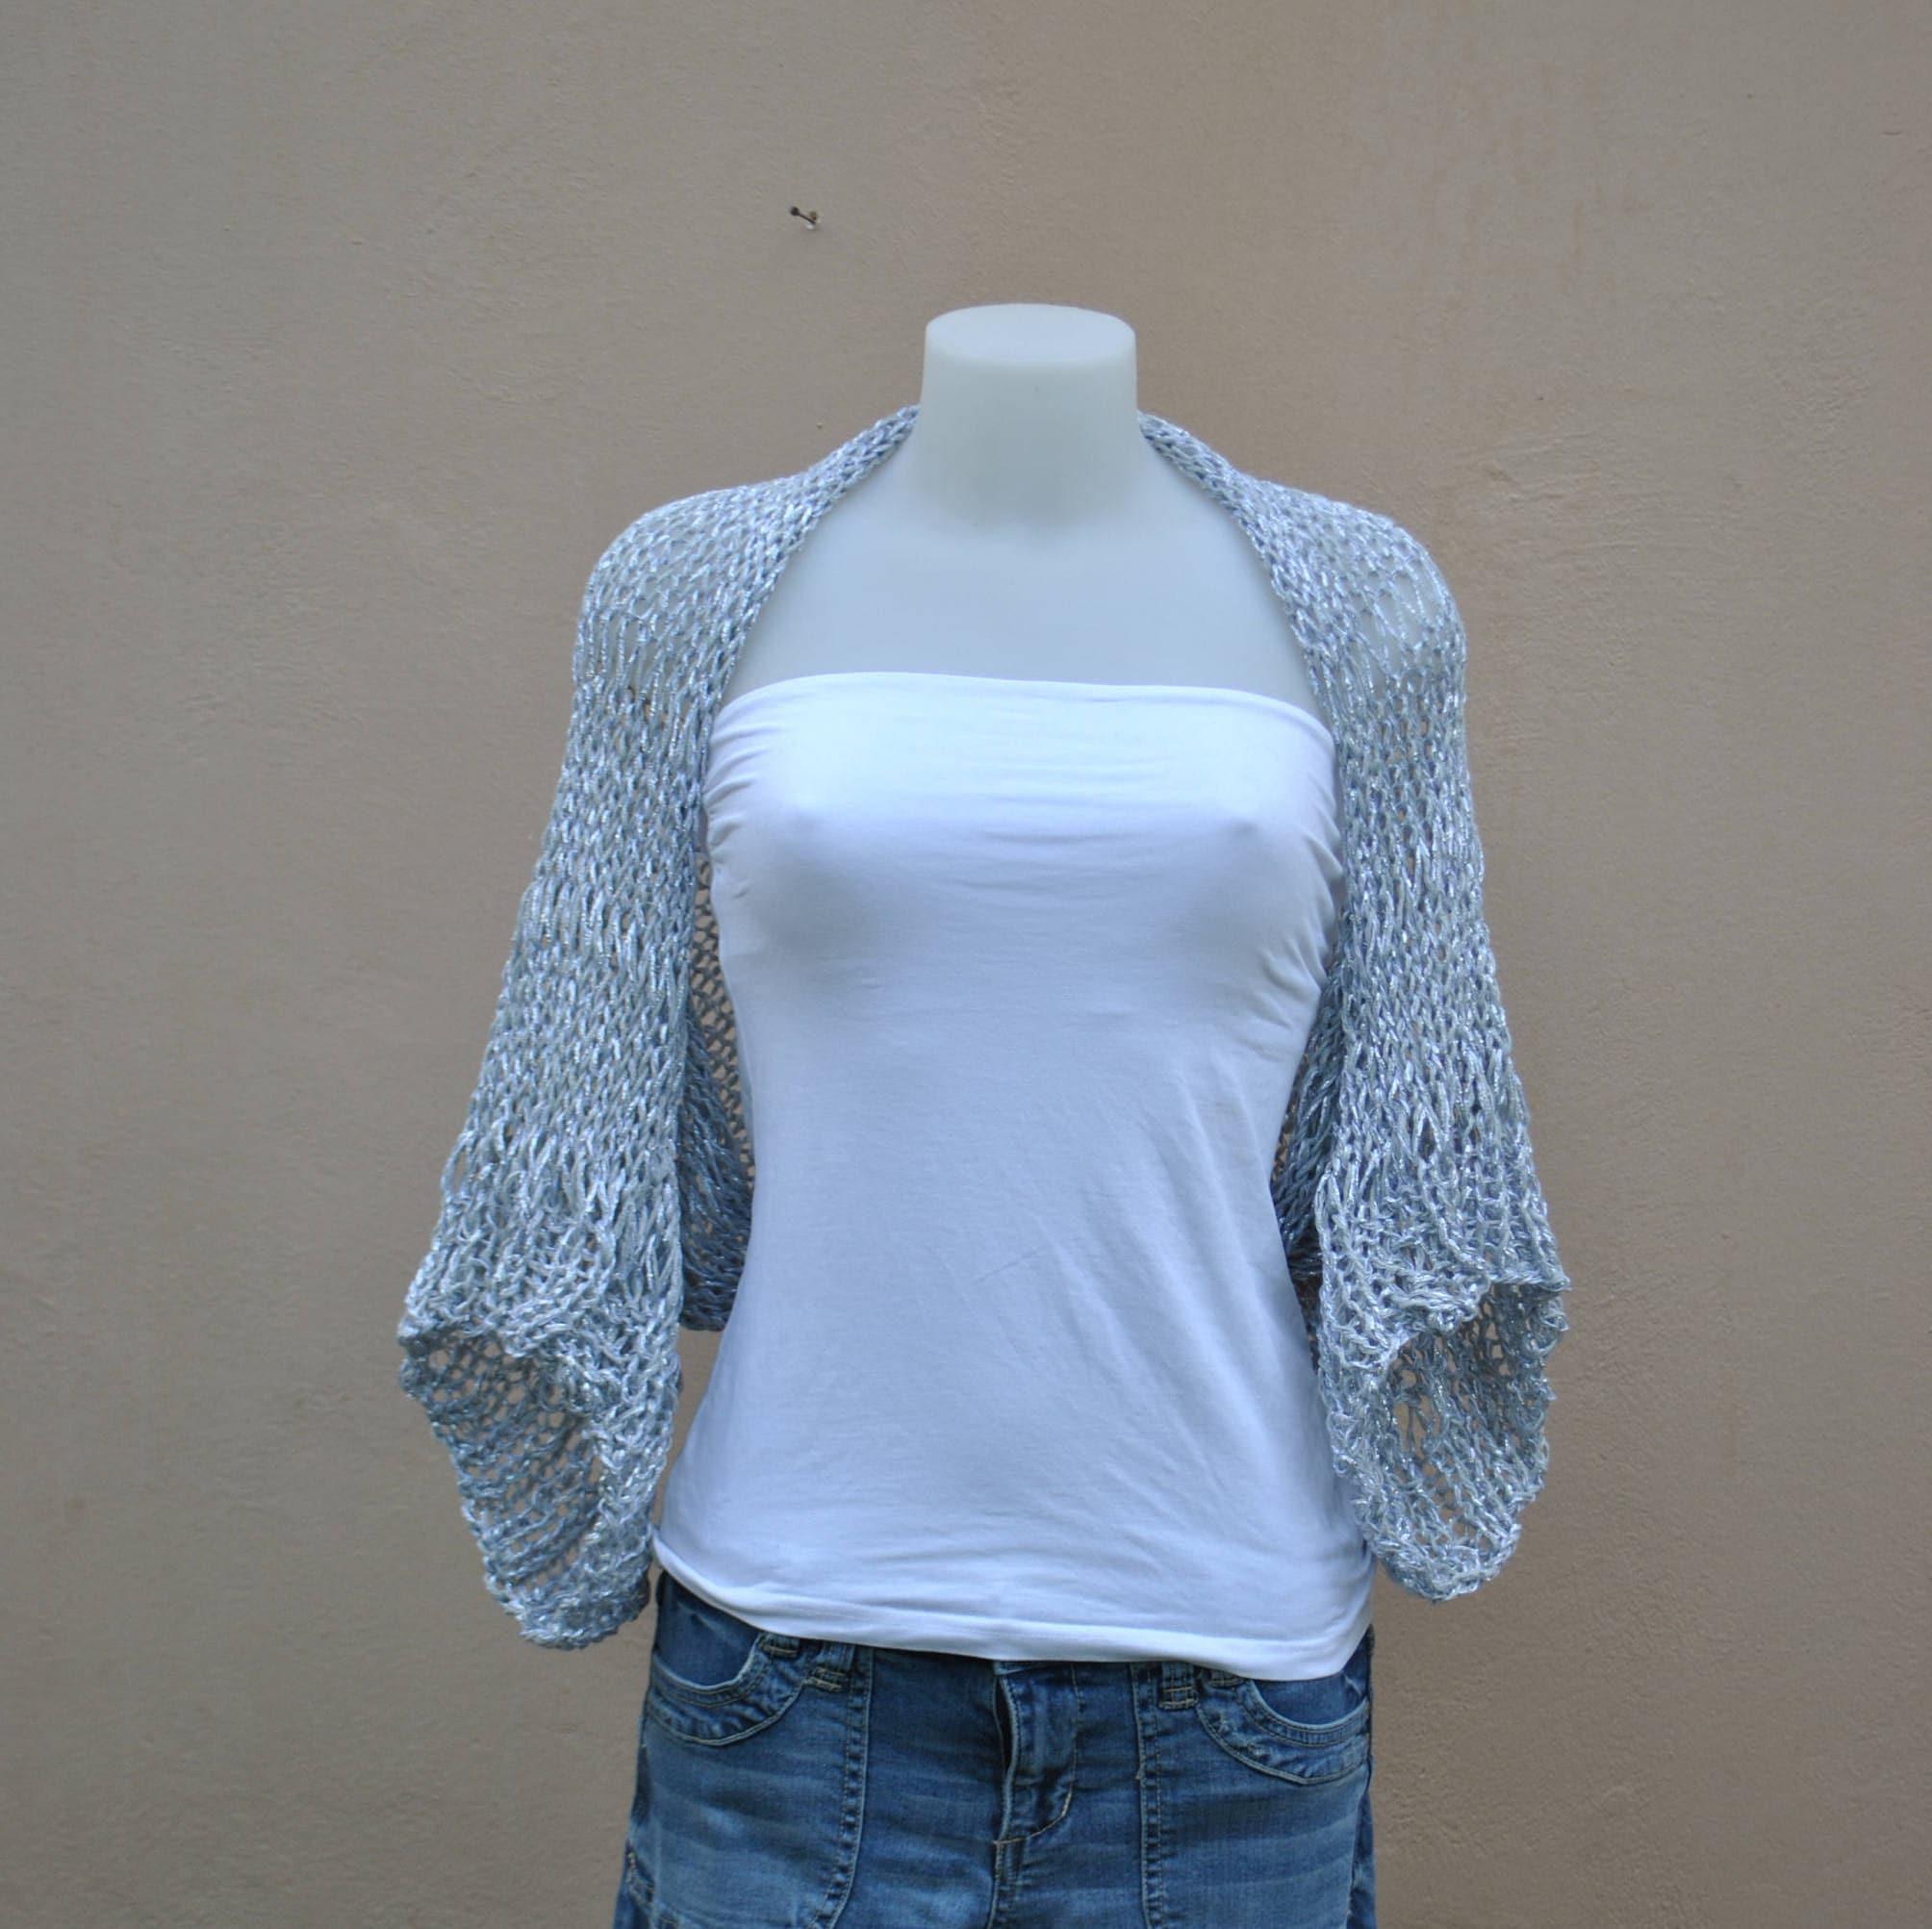 Silver knit shrug wedding bolero silver-gray shrug wedding